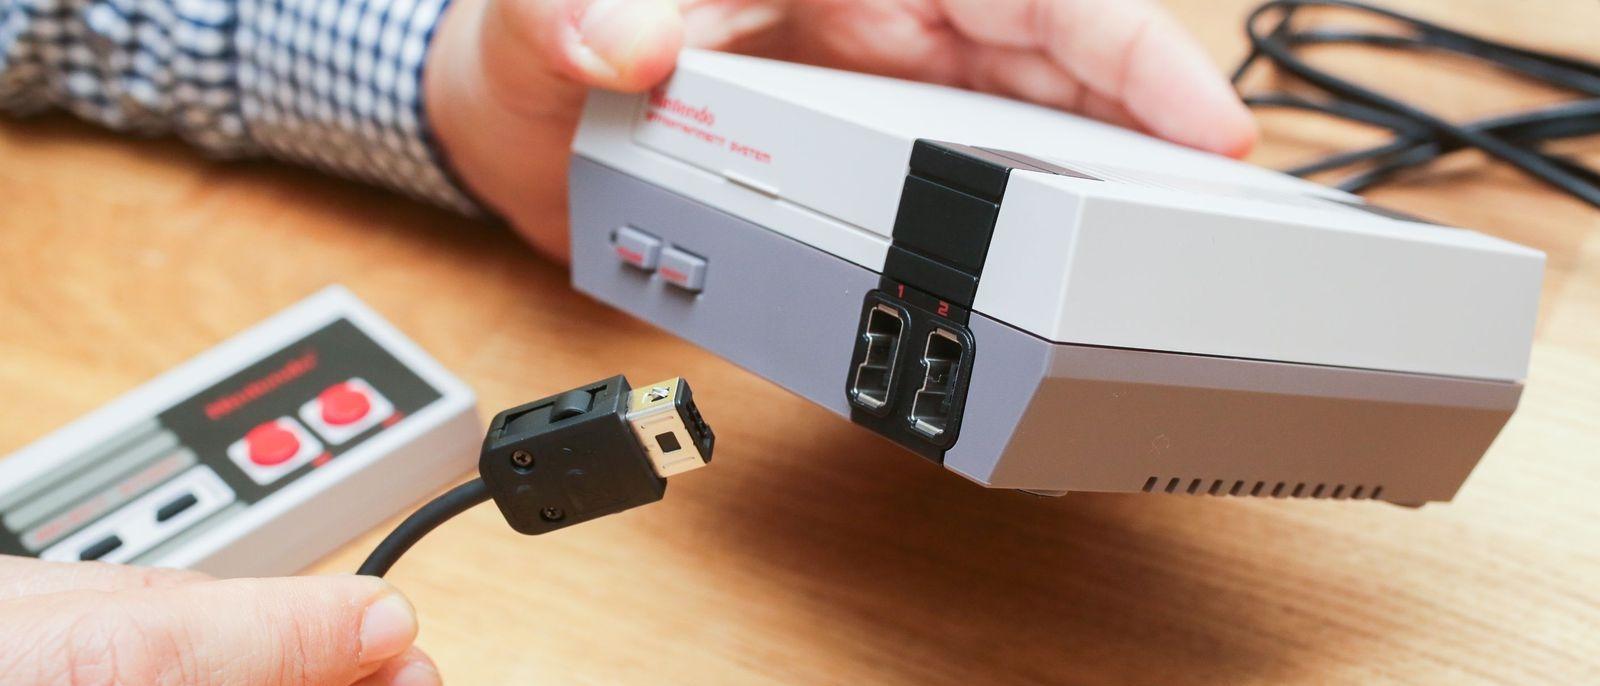 Preço do NES Mini já disparou em algumas lojas após ser descontinuado